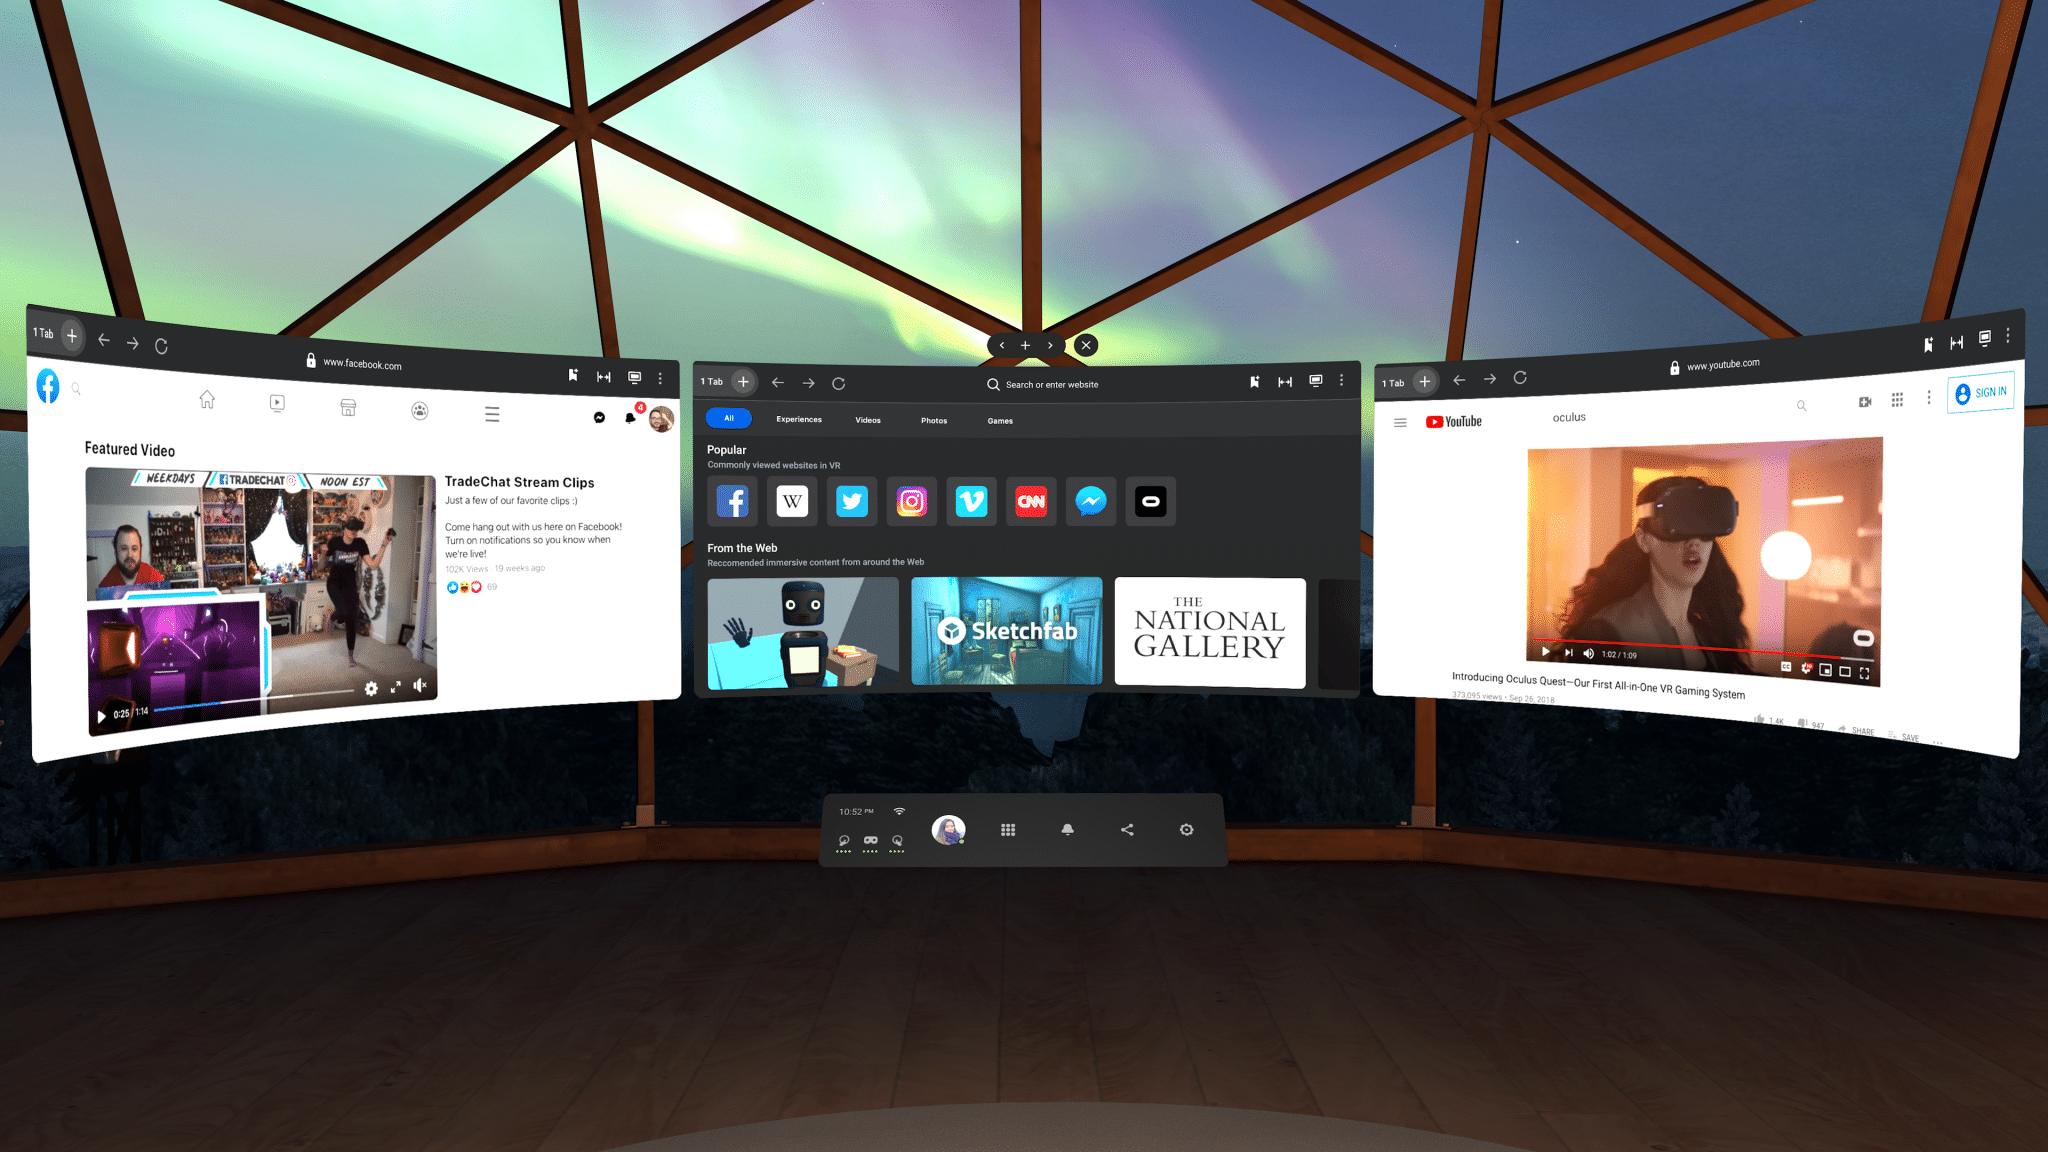 UI mới của Oculus Quest đã cho tải về trong bản cập nhật mới nhất